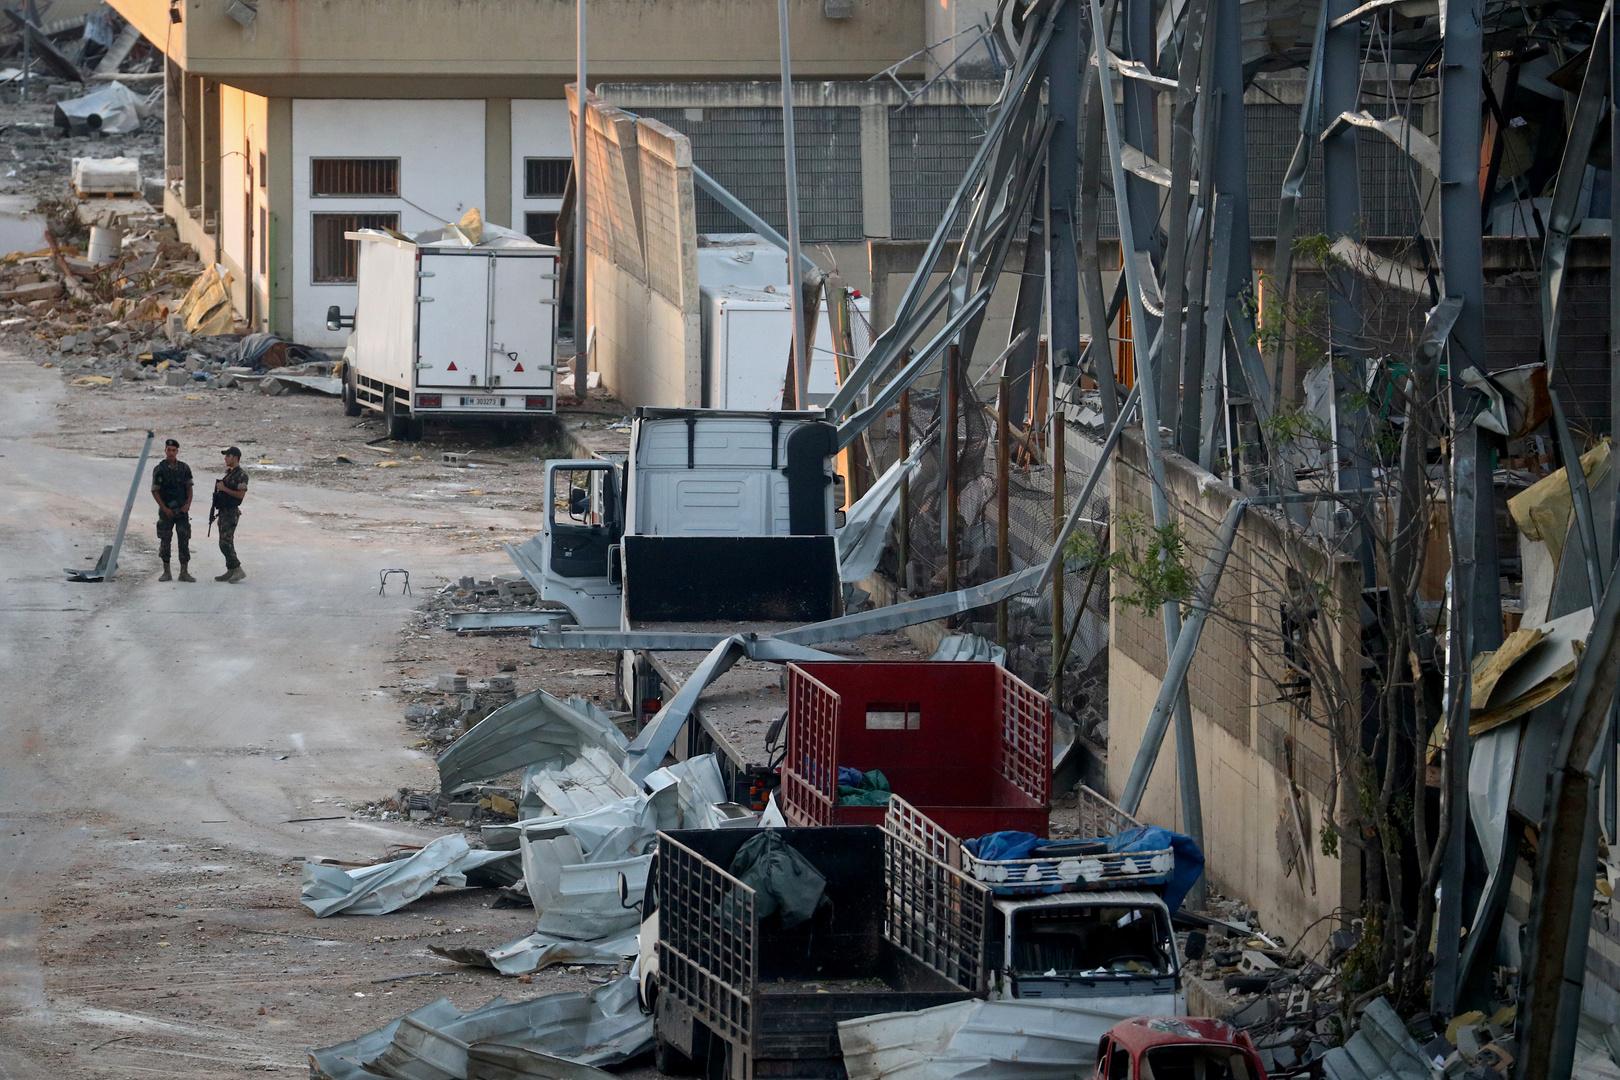 مكتب تنسيق الشؤون الإنسانية الأممي يقدم مساعدة فورية للبنان بقيمة 15 مليون دولار